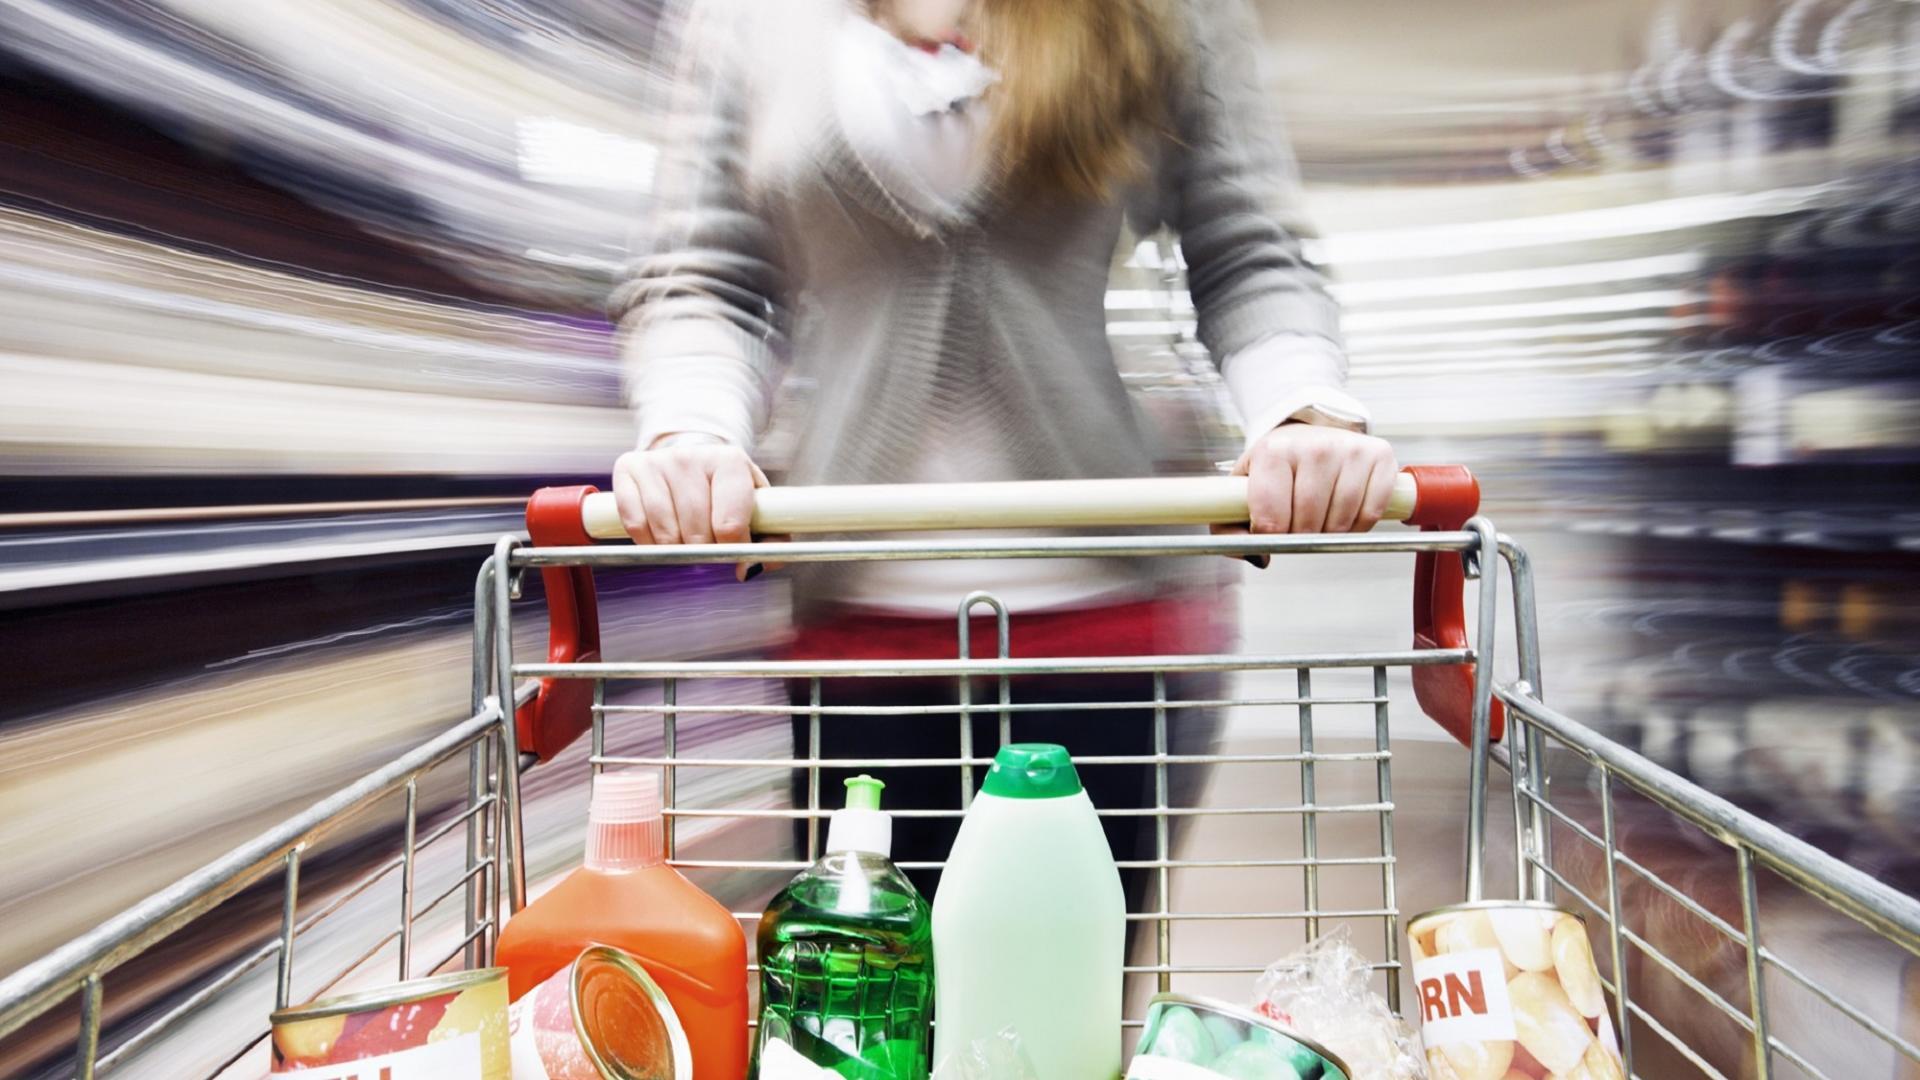 Frau Supermarkt Einkaufswagen